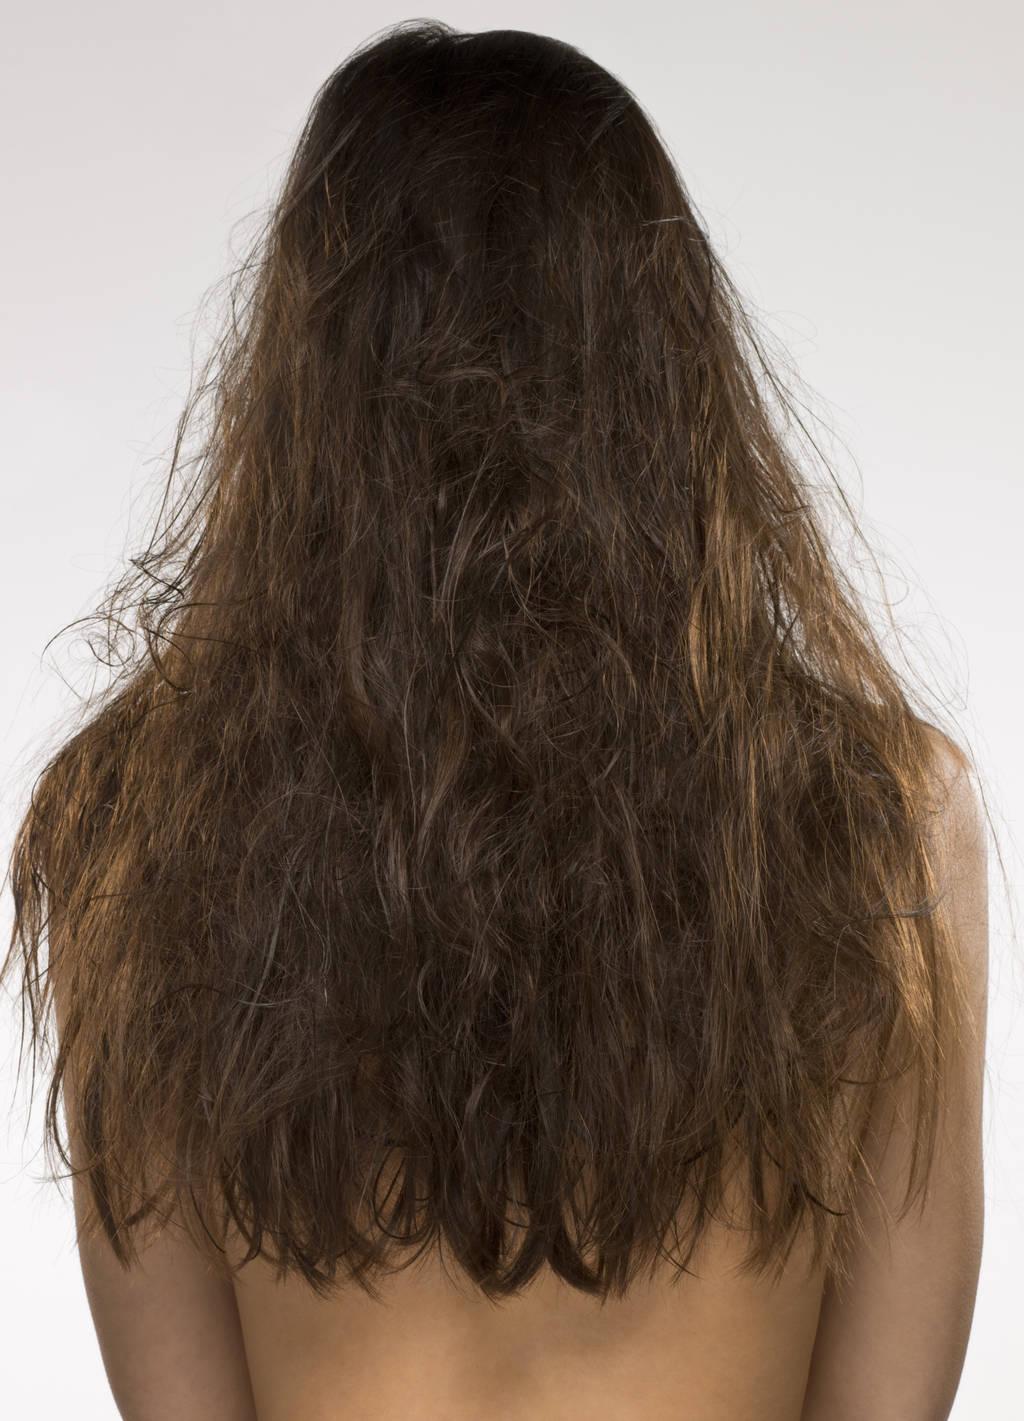 их сухие запутанные волосы увлажнять как